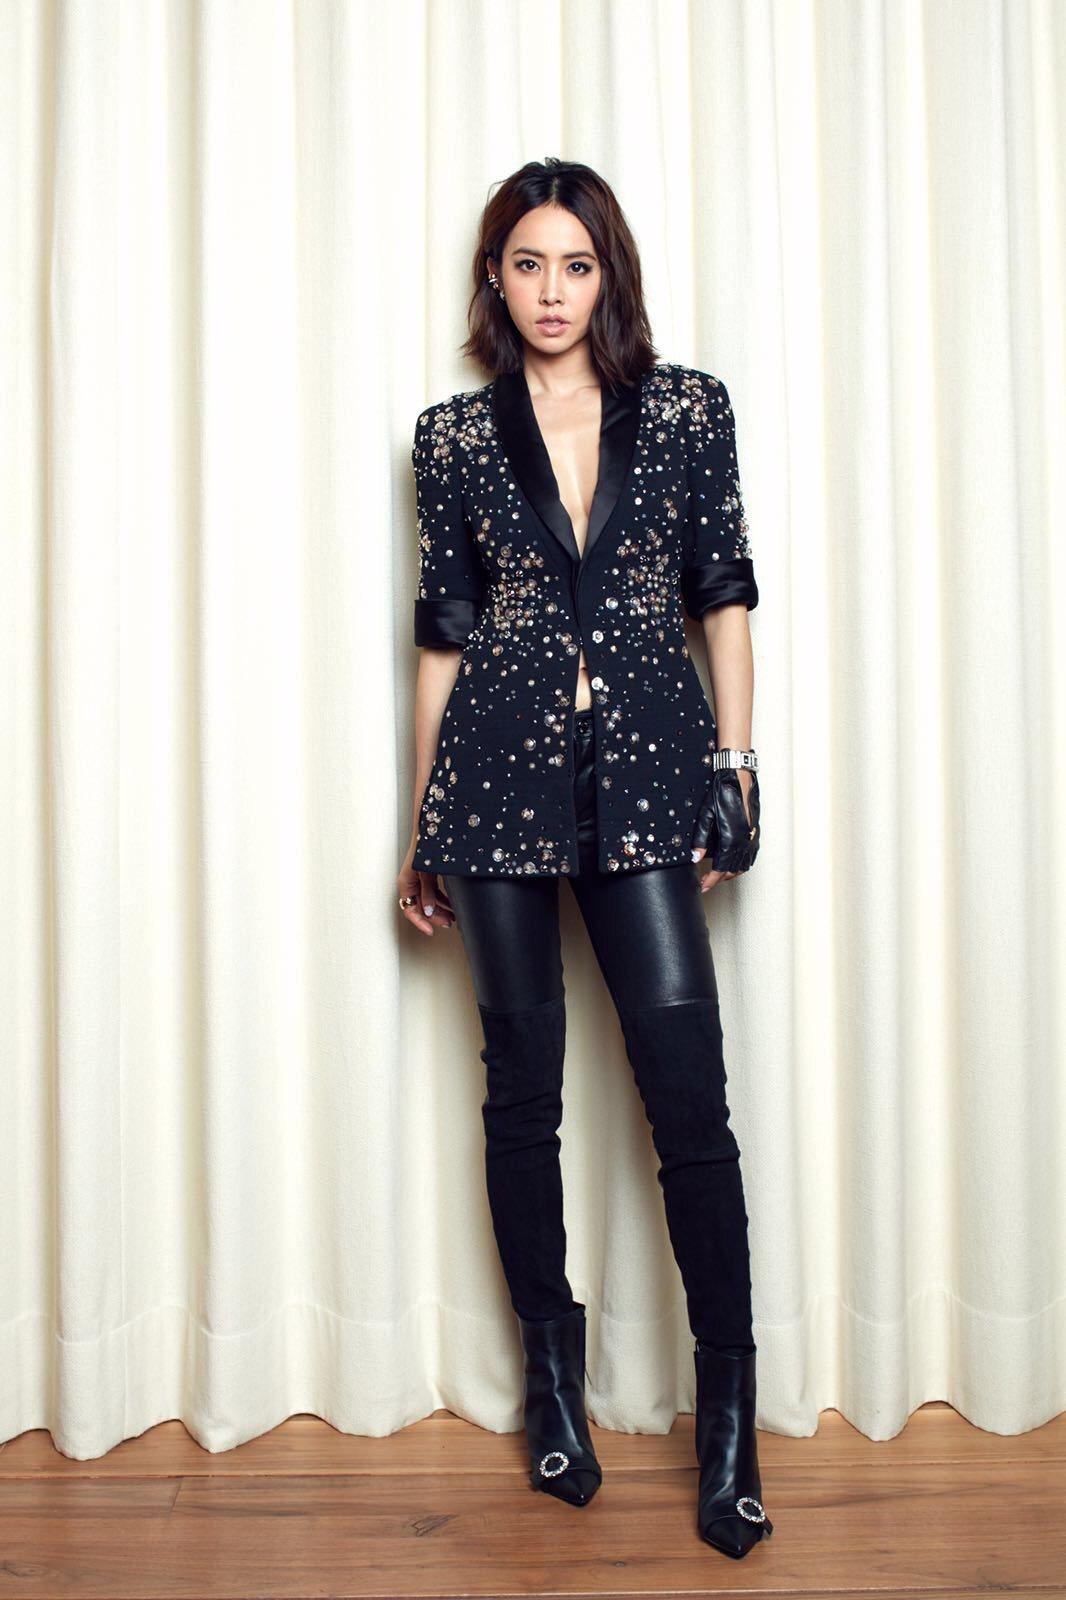 蔡依林穿Jimmy Choo水晶釦飾靴參加時尚派對。圖/Jimmy Choo提供